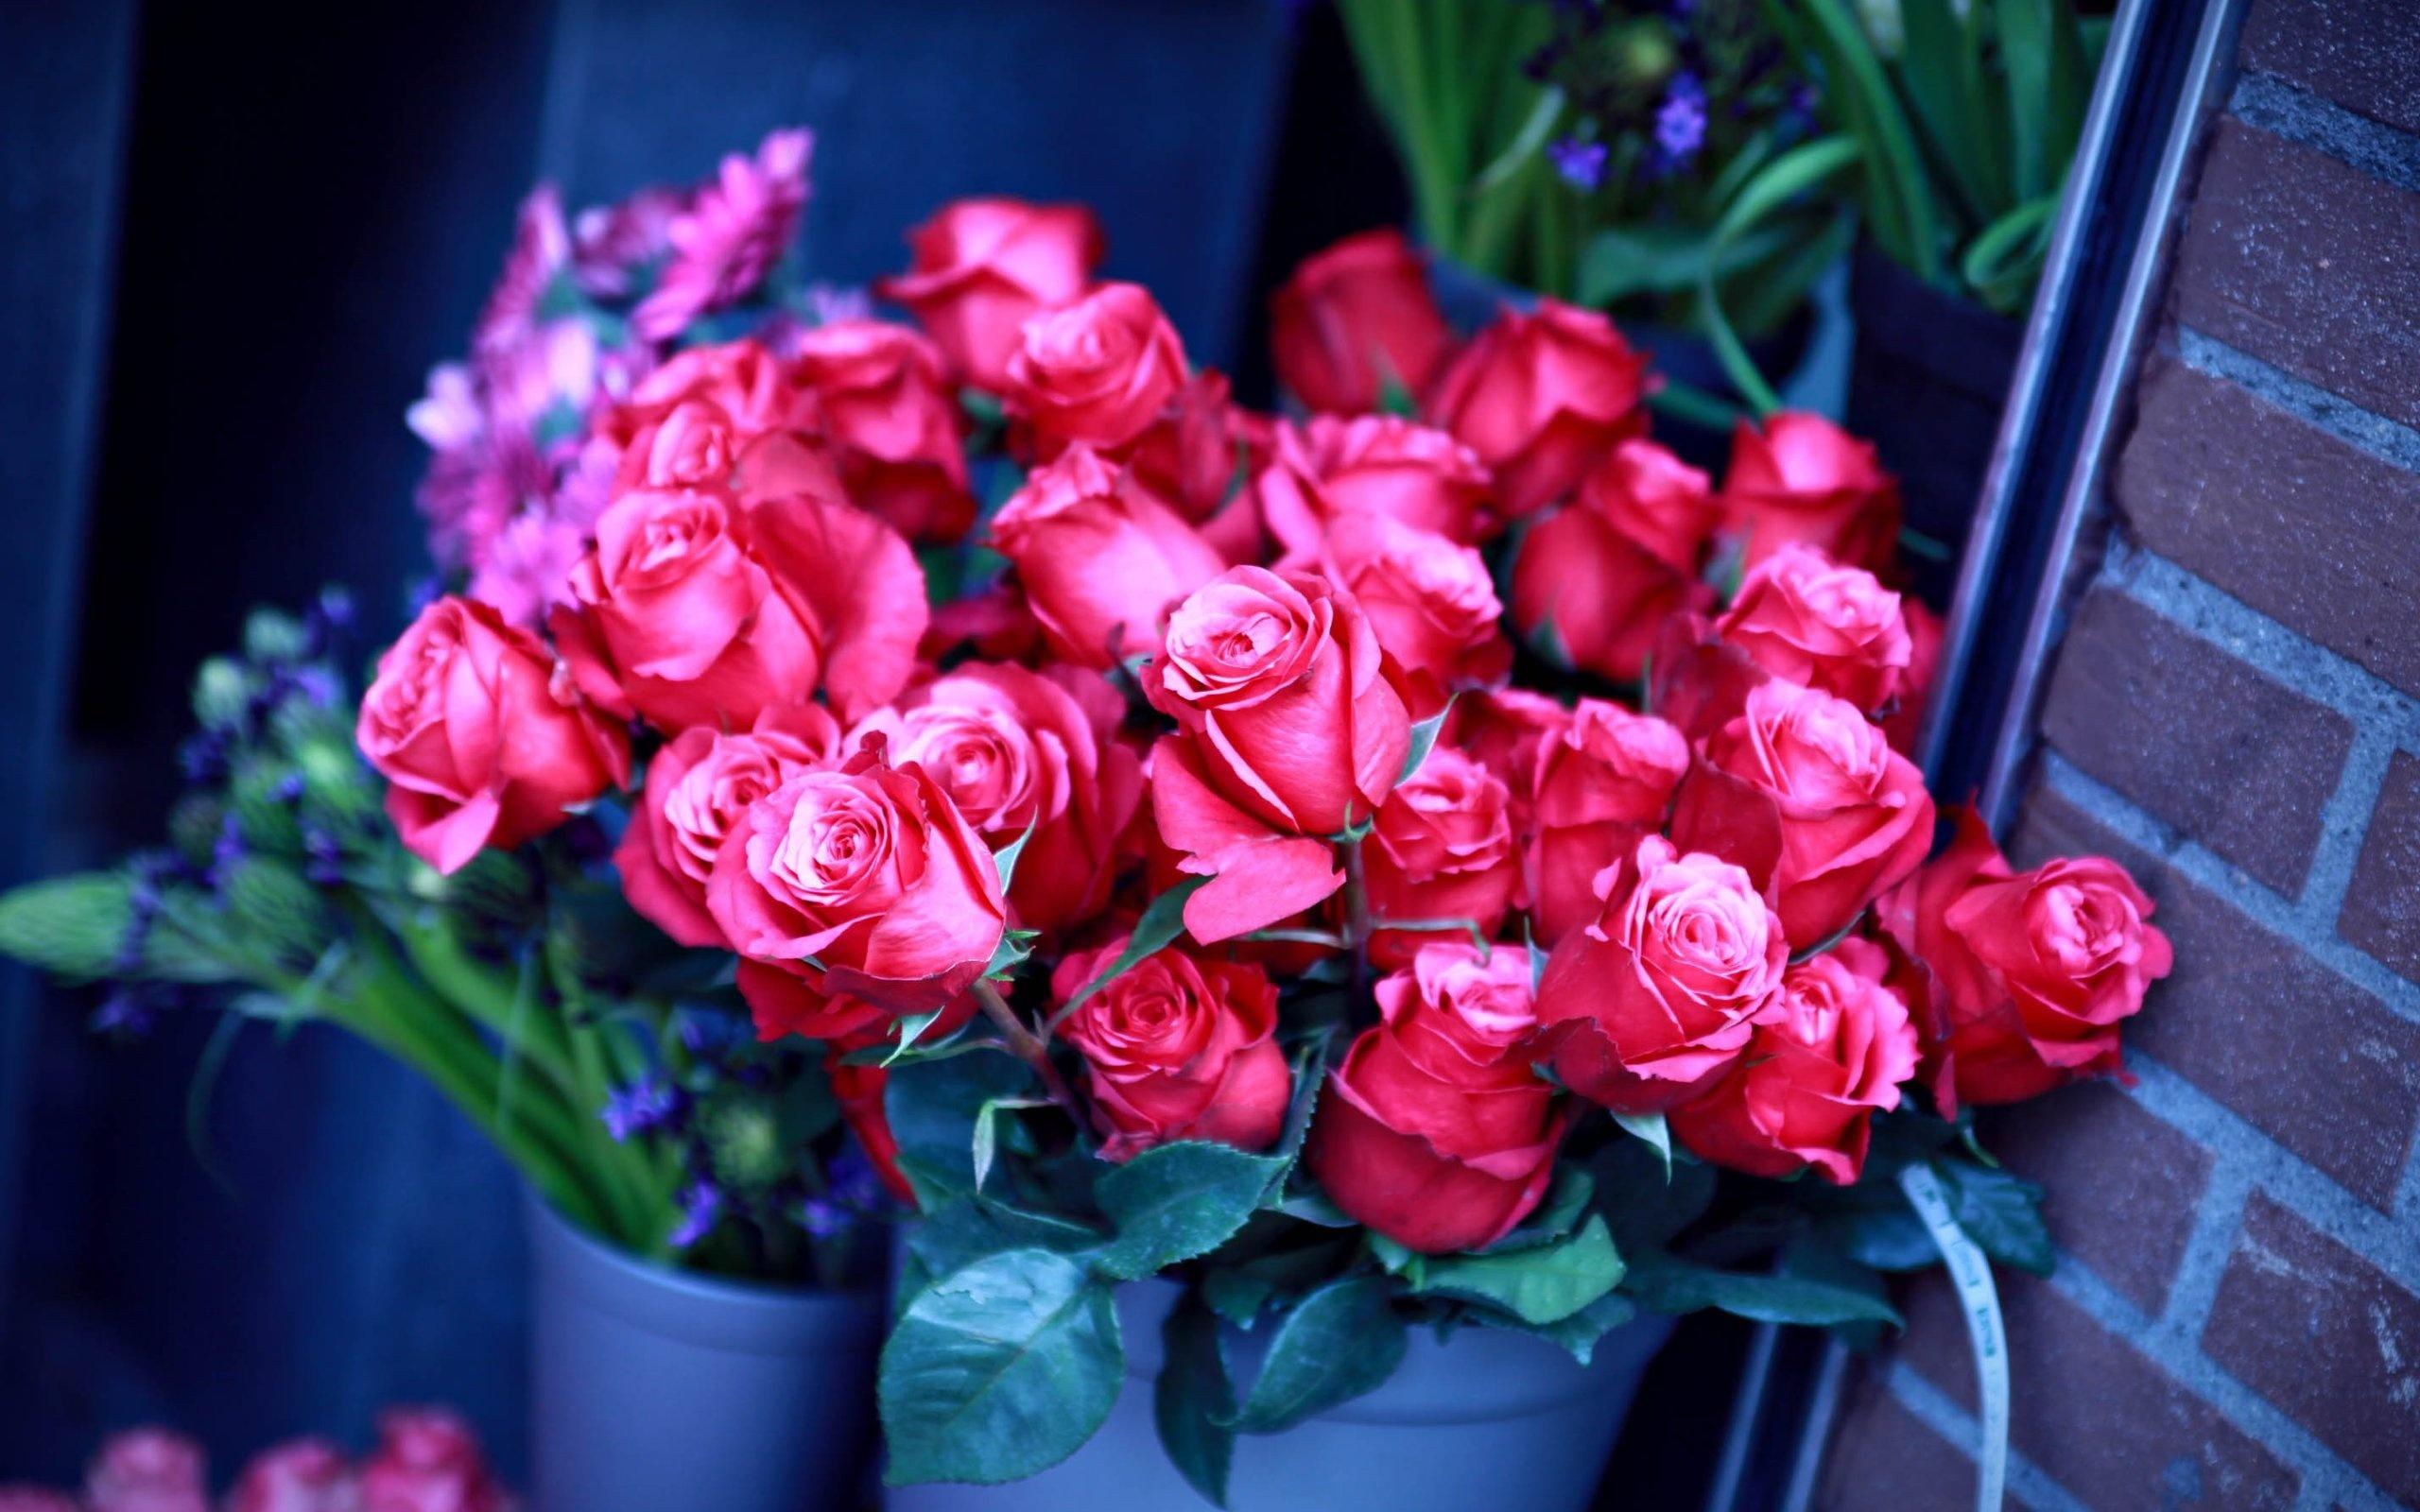 розы, бутоны, розовые